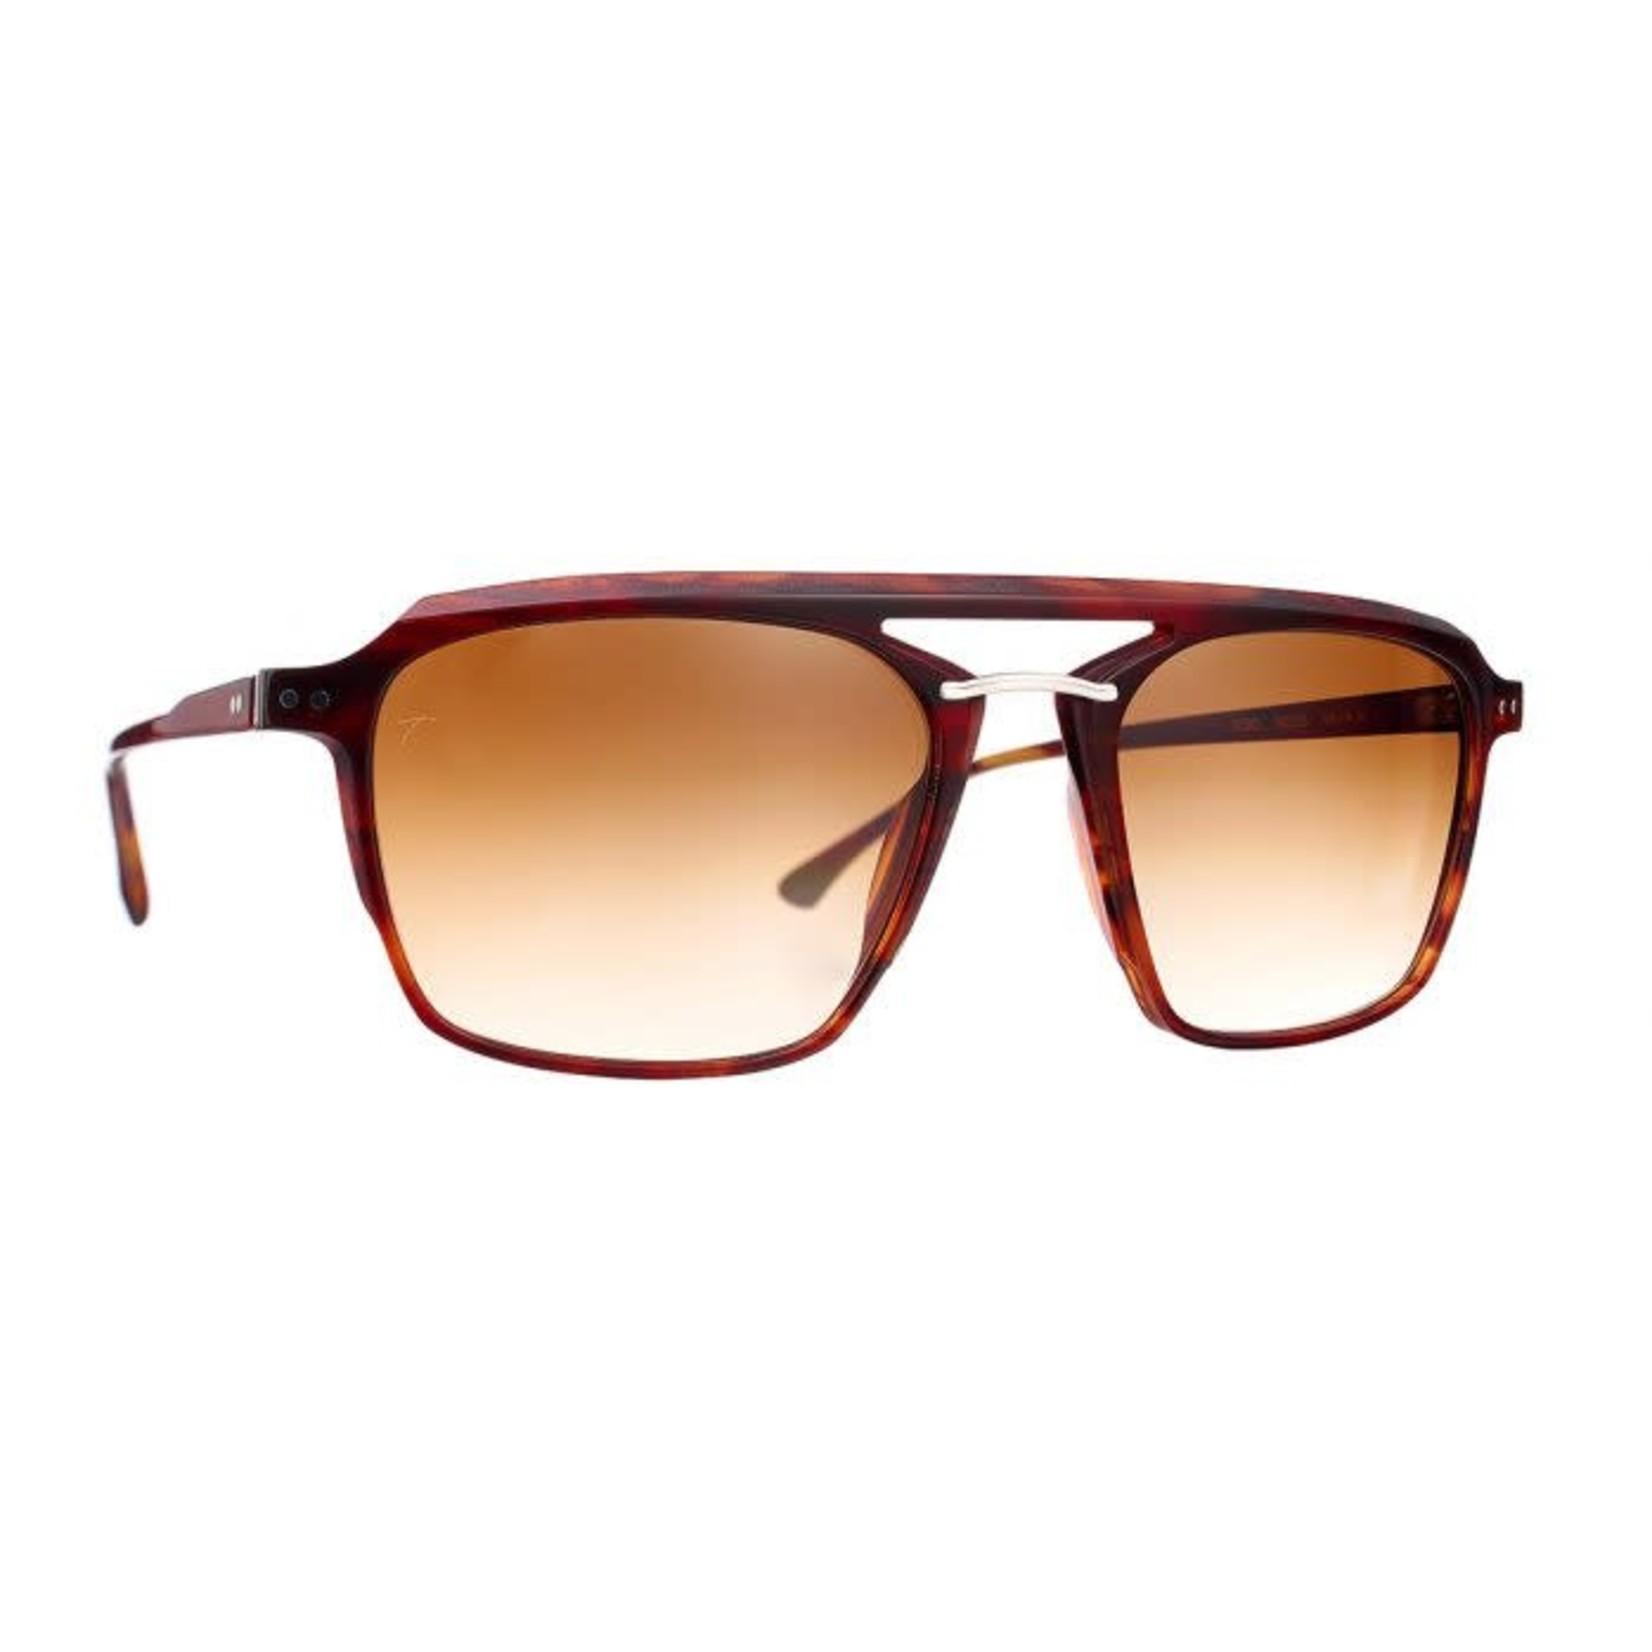 Talla Eyewear Talla Edo Sun